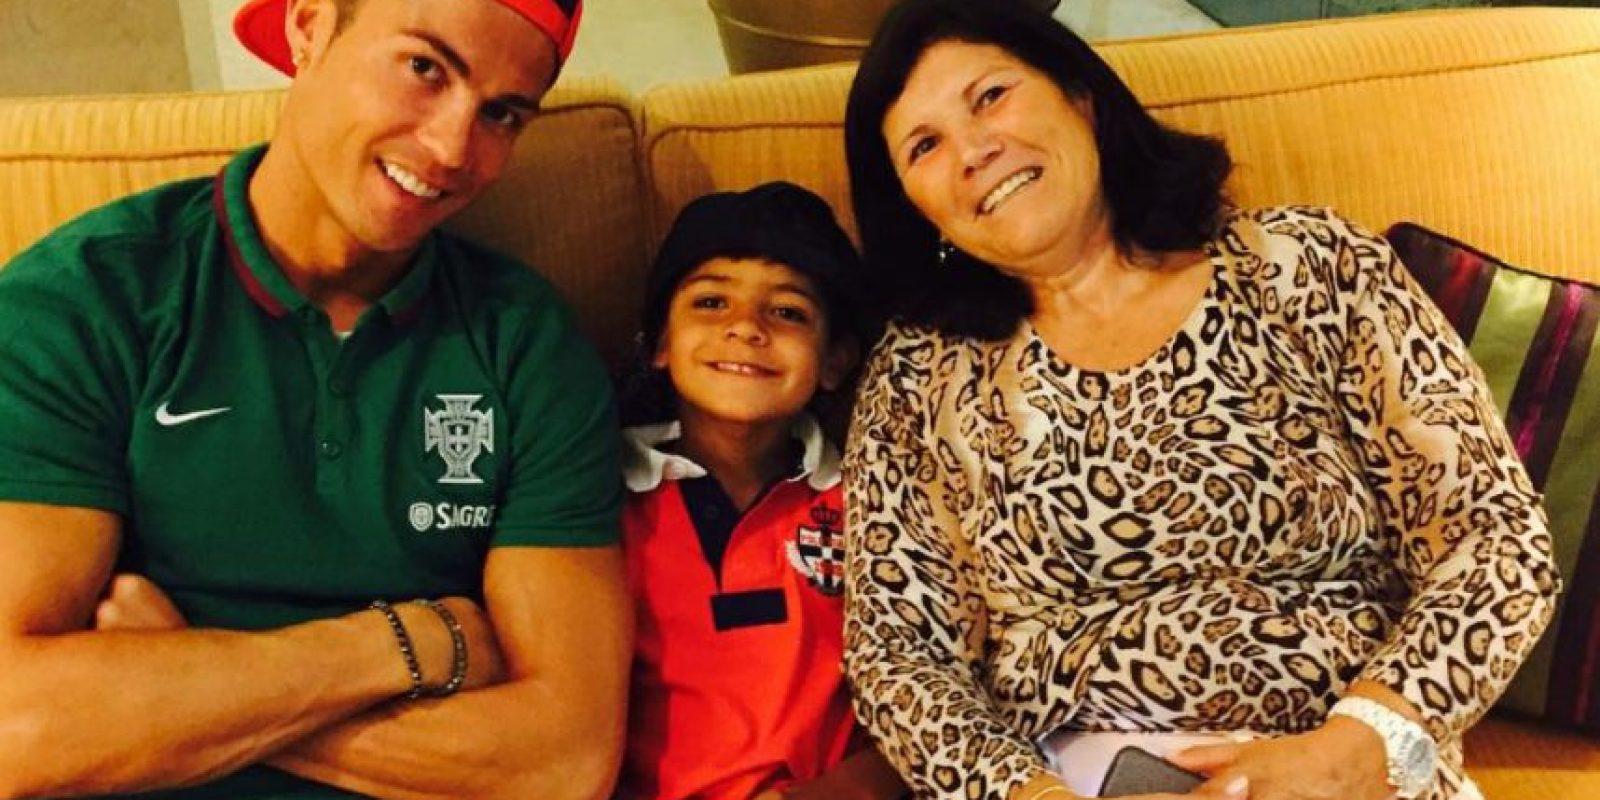 Las mejores imágenes de Cristiano Ronaldo y su hijo Foto:Vía instagram.com/cristiano